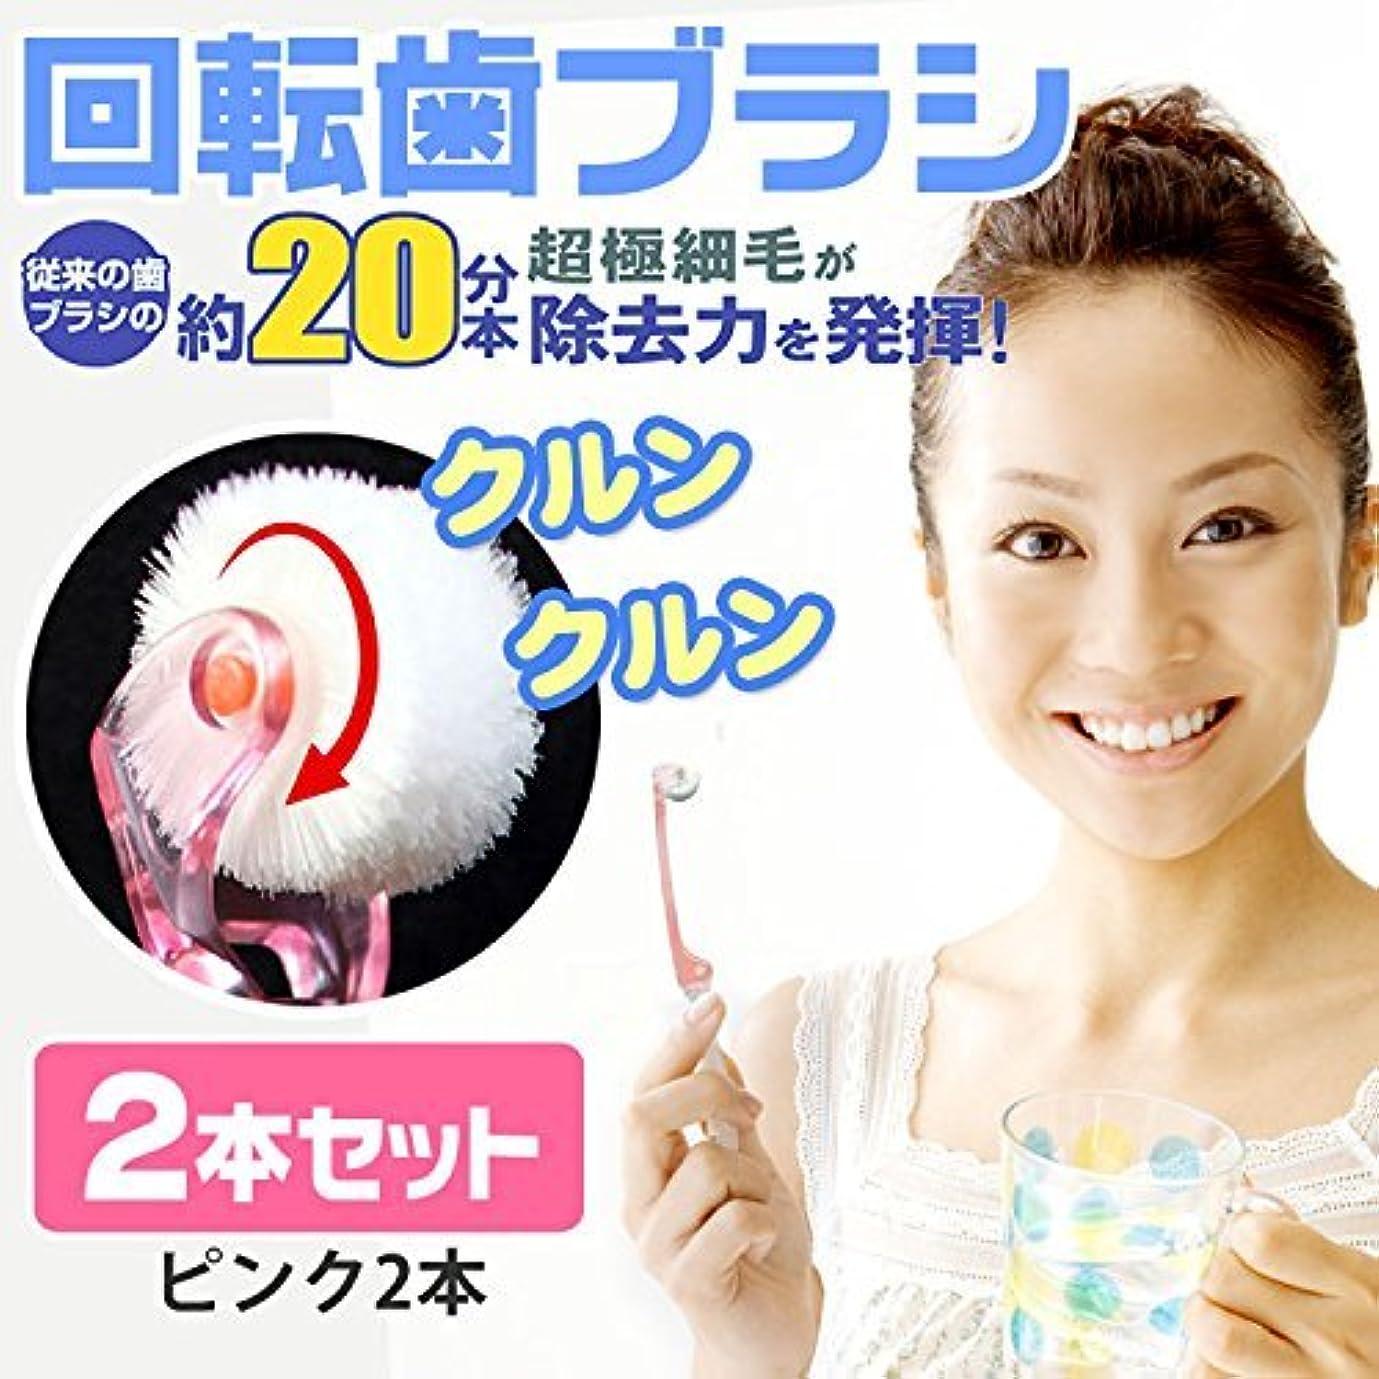 観察するふつう法令Newクルン 吸着回転歯ブラシ◆ピンク2本セット◆ レギュラーヘッド ピンク